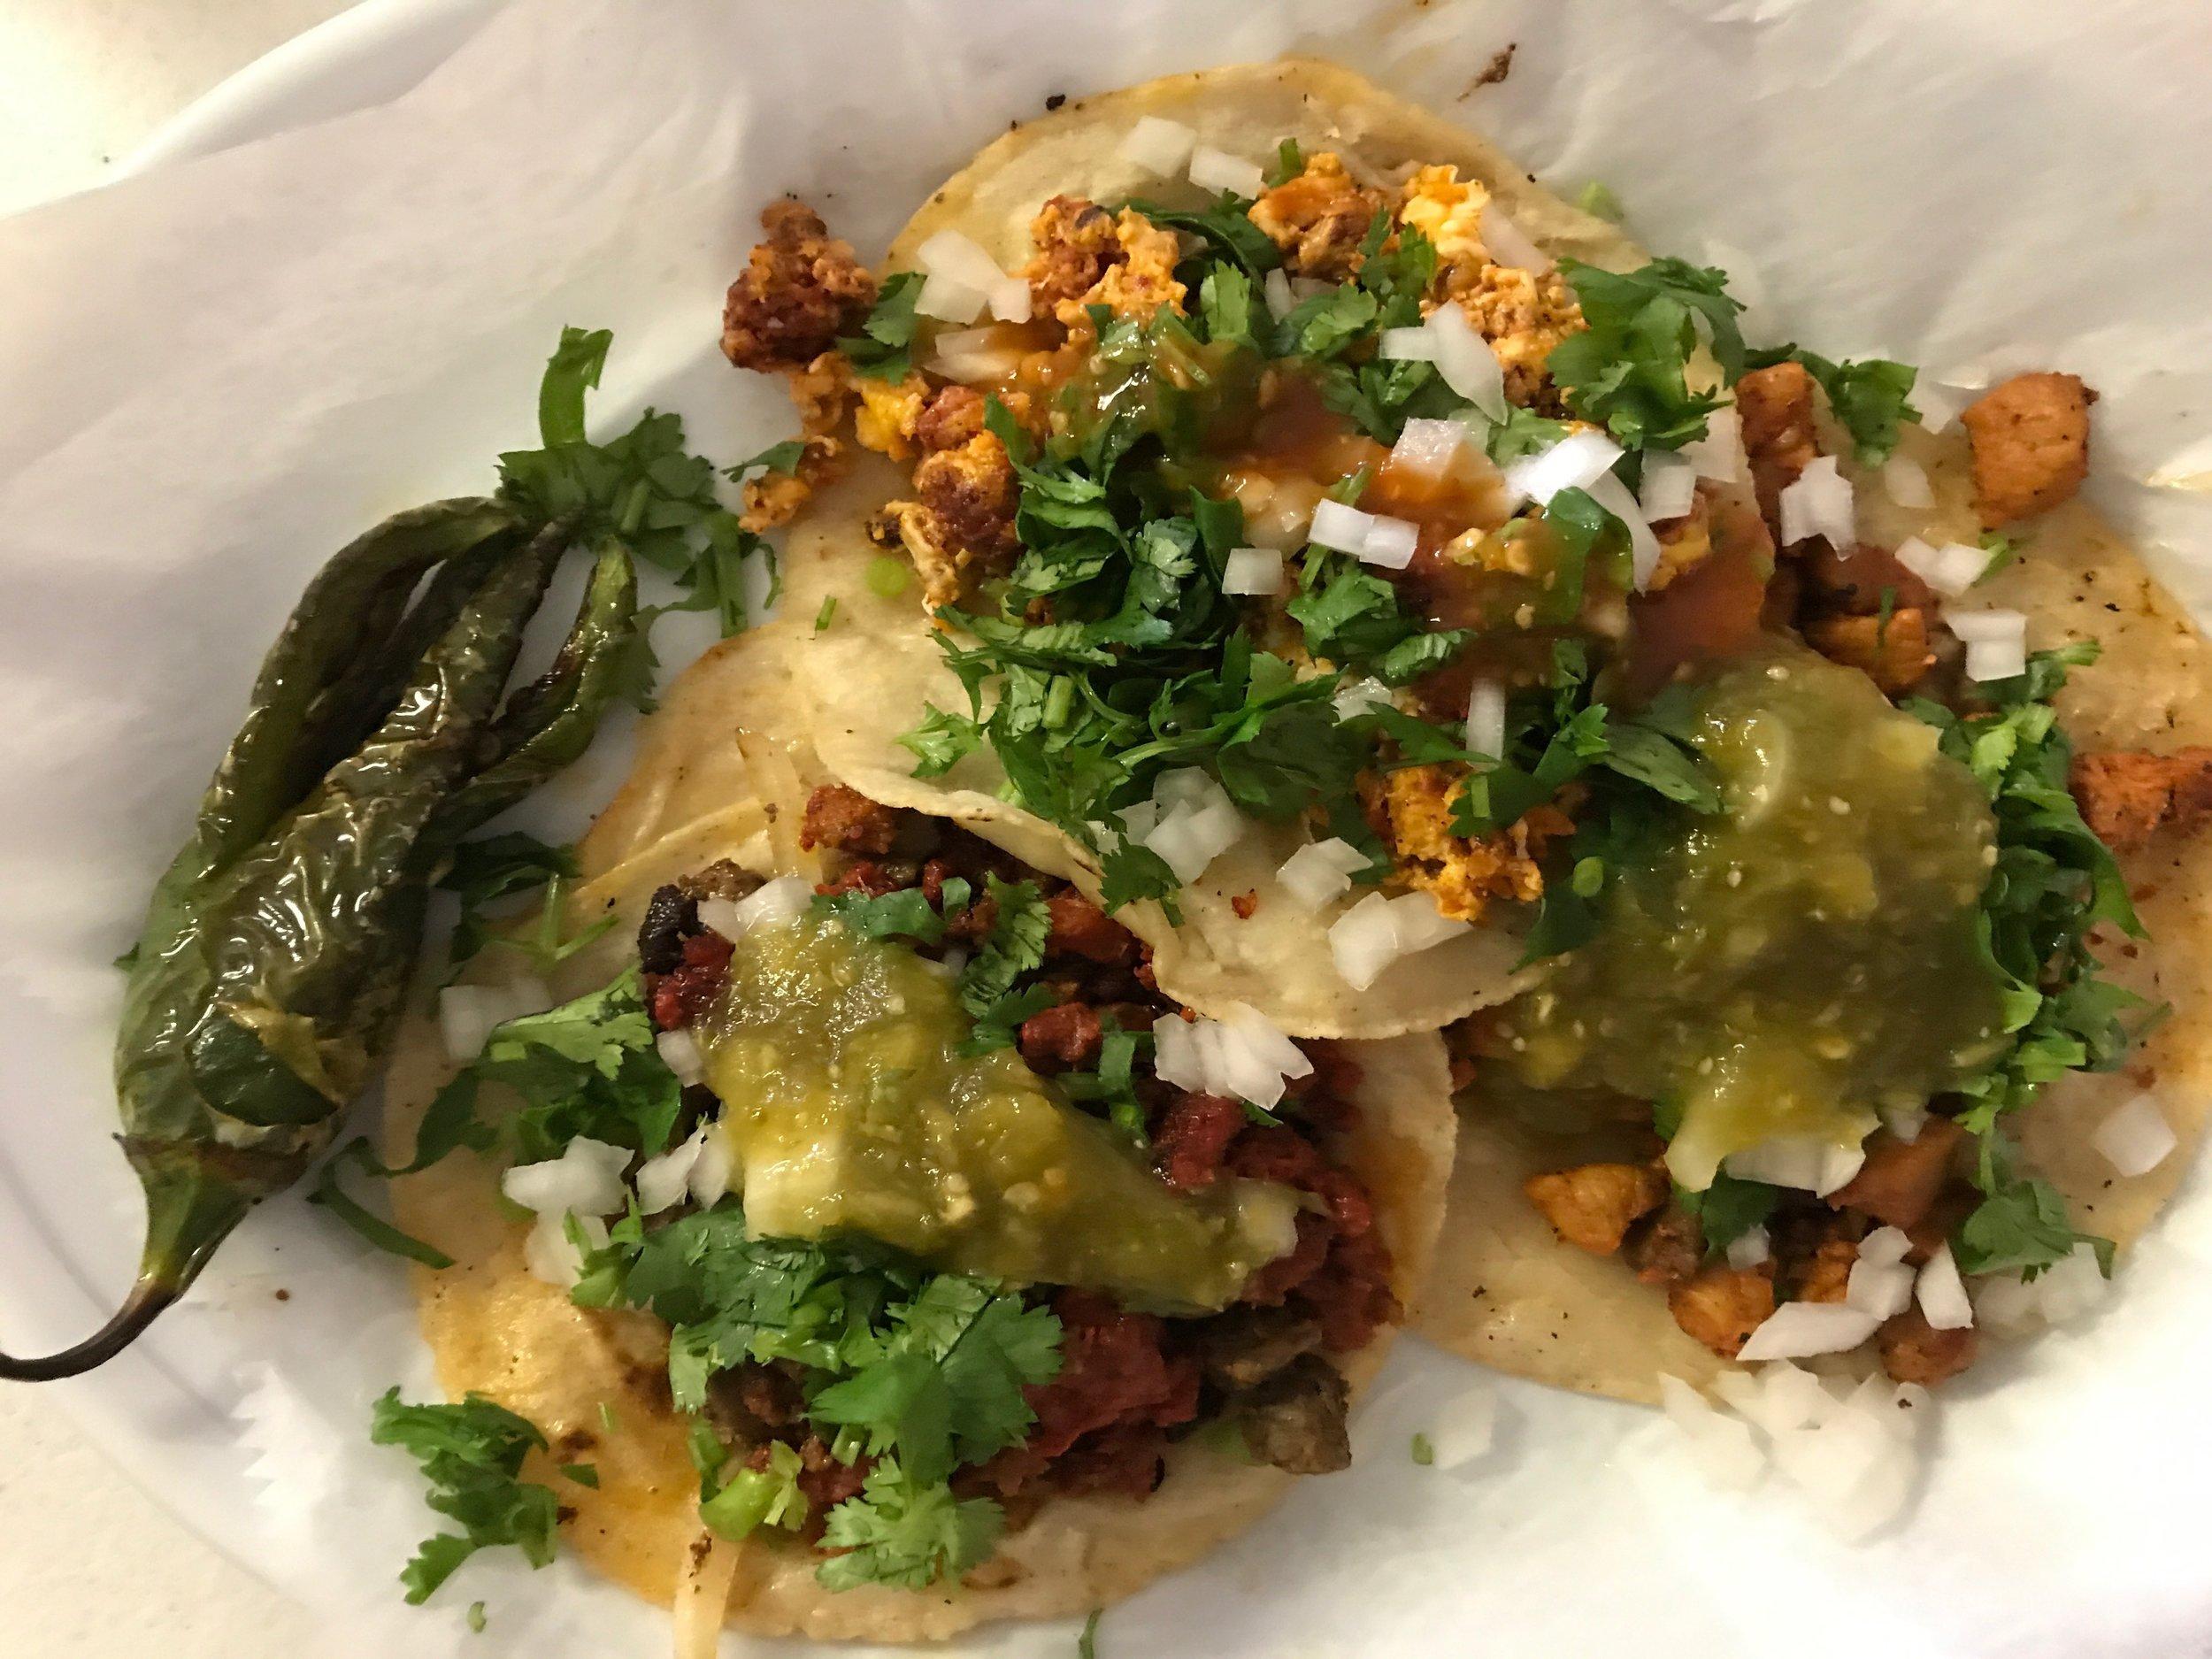 Tacos y chili toreado